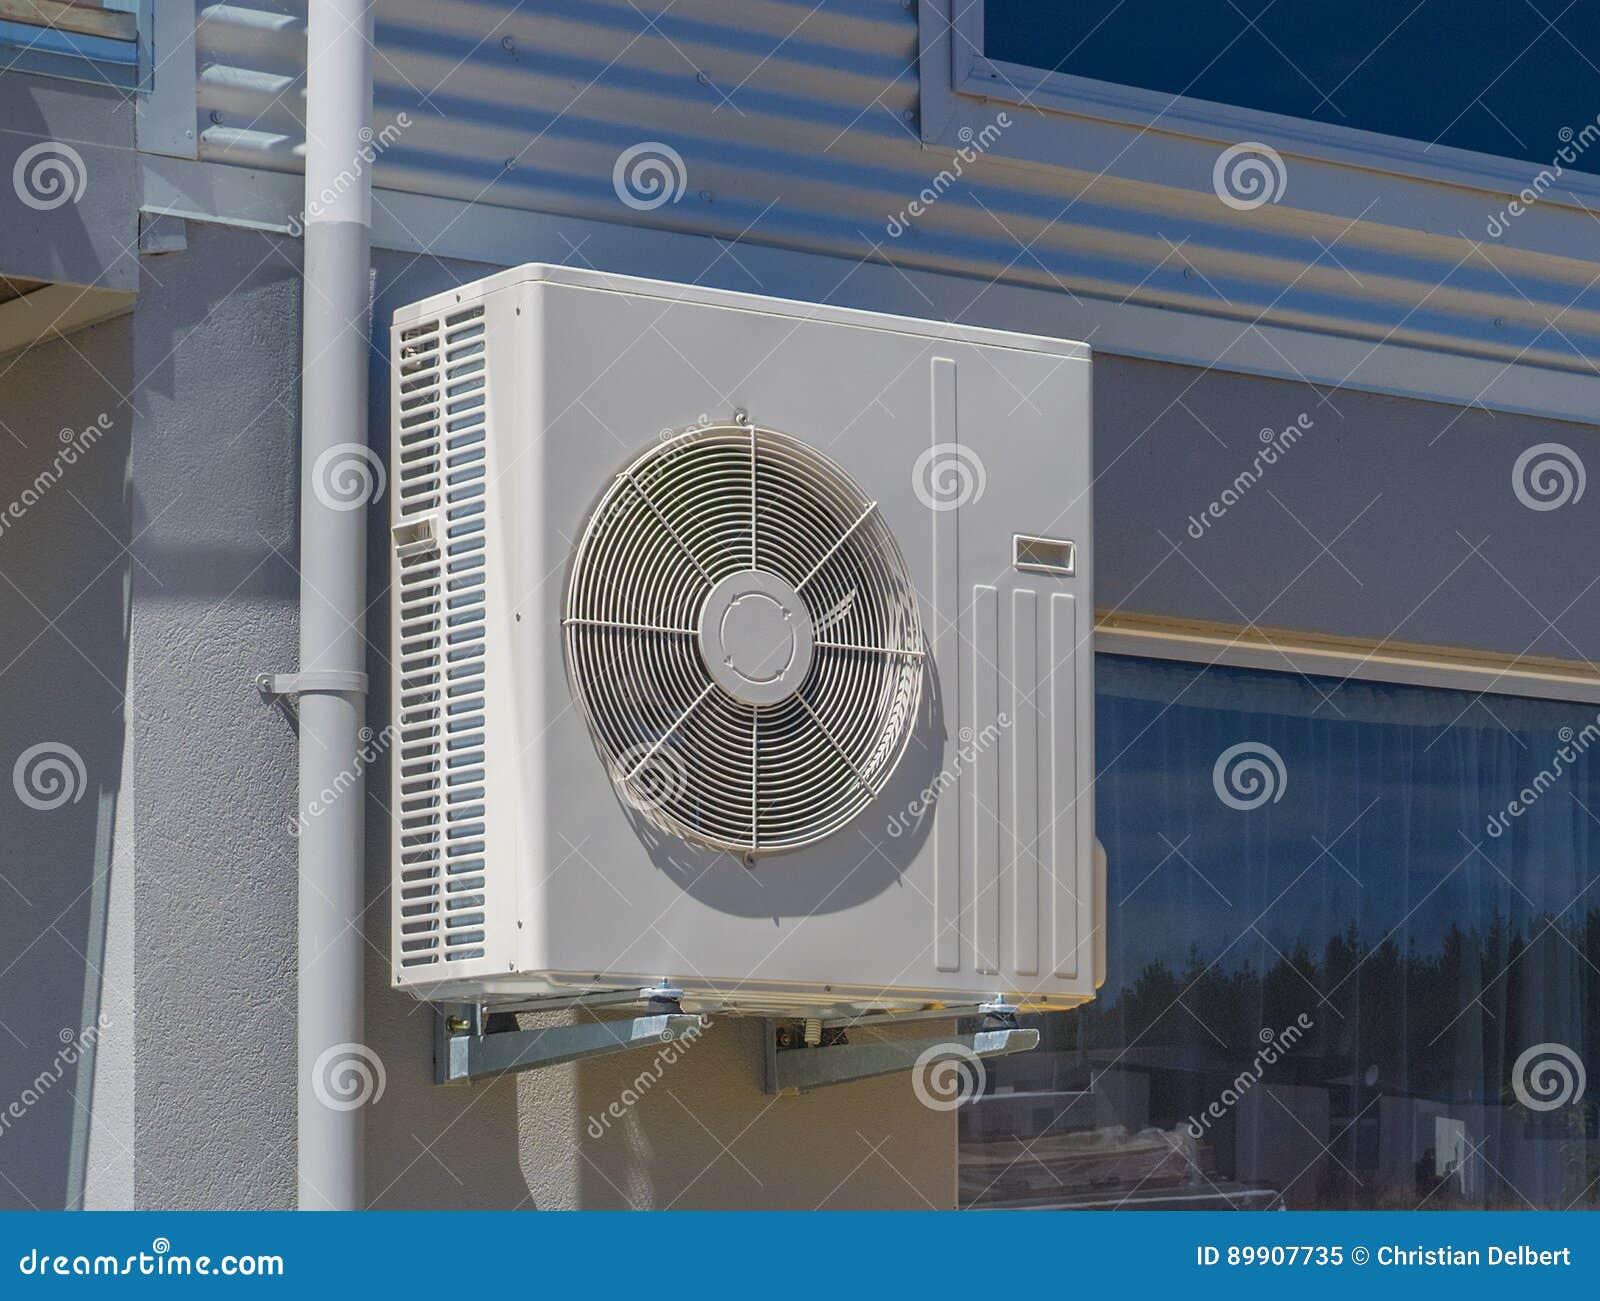 klimaanlage und heizk rper f r ein wohnhaus stockbild bild von kalt temperatur 89907735. Black Bedroom Furniture Sets. Home Design Ideas